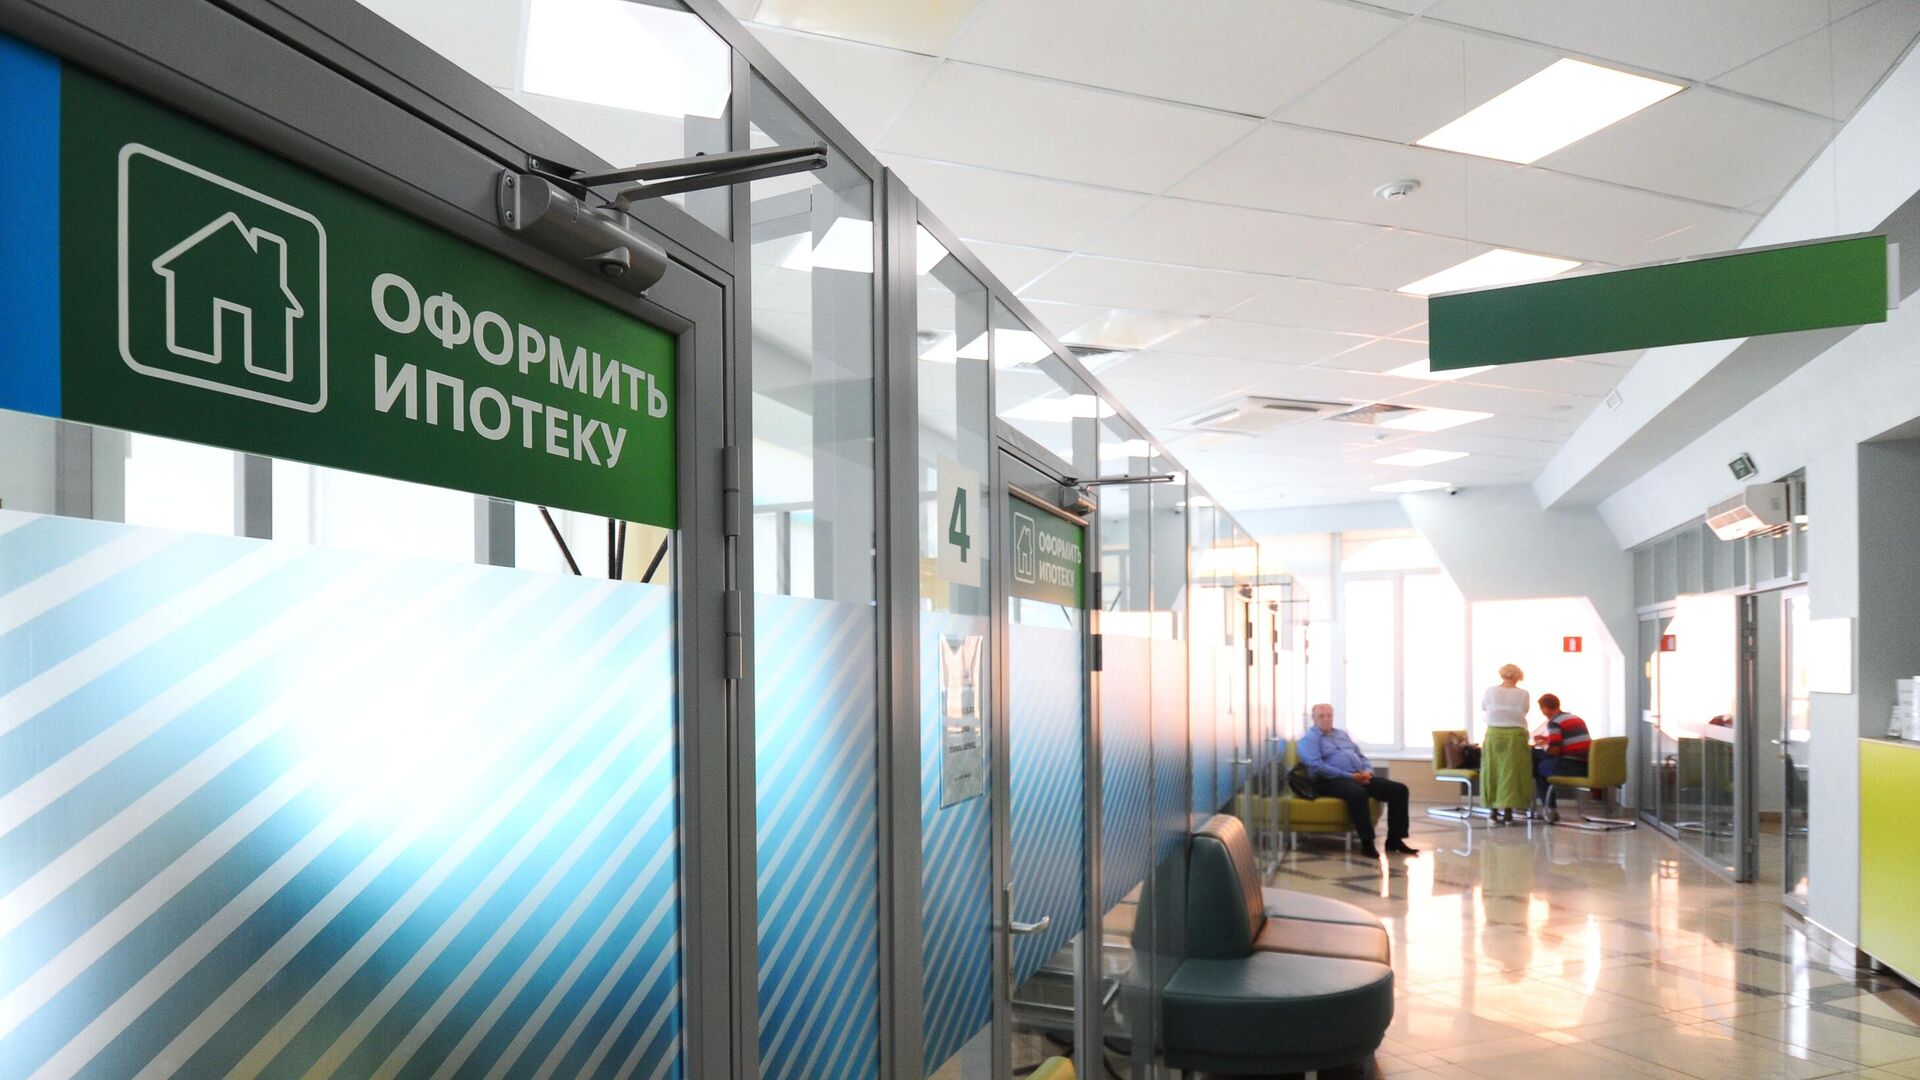 Центр ипотечного кредитования в отделении ПАО Сбербанк - РИА Новости, 1920, 15.02.2021